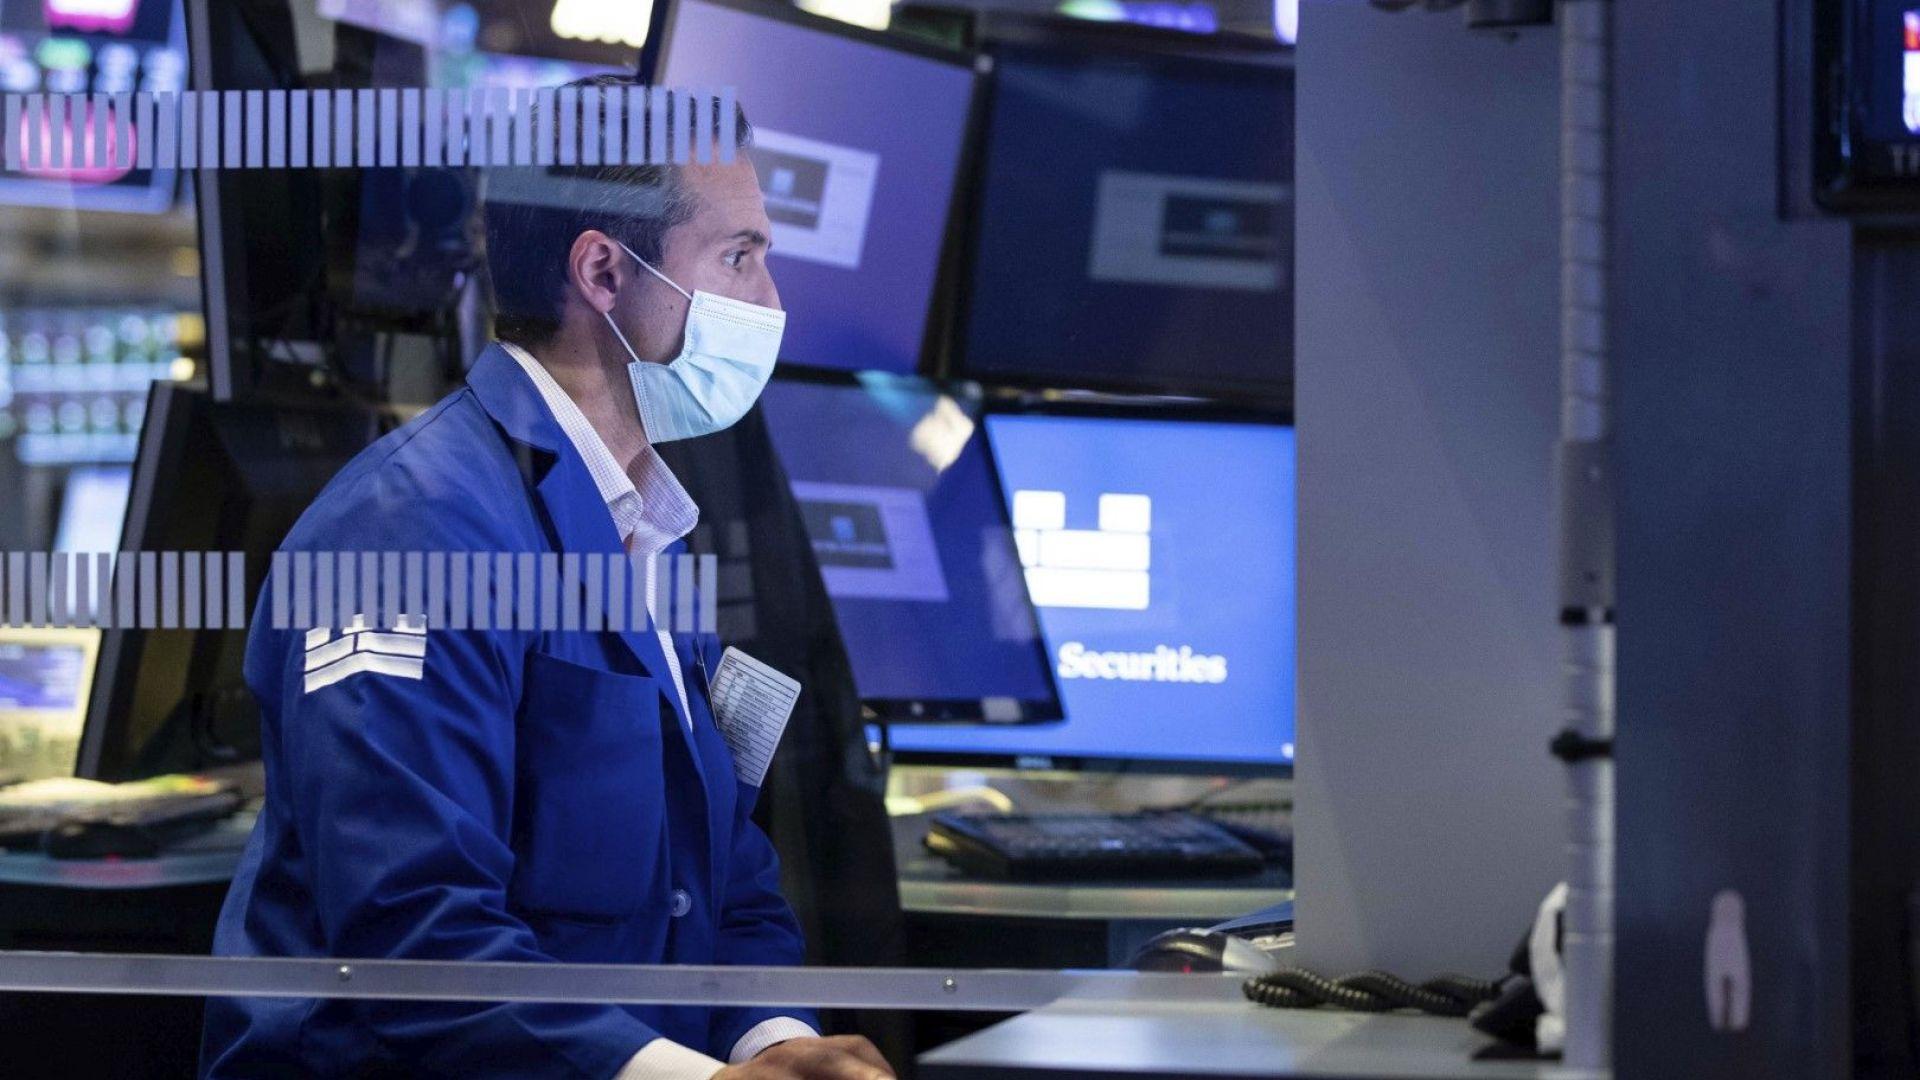 Пазарите на акции в България и по света за втора поредна седмица на печалба